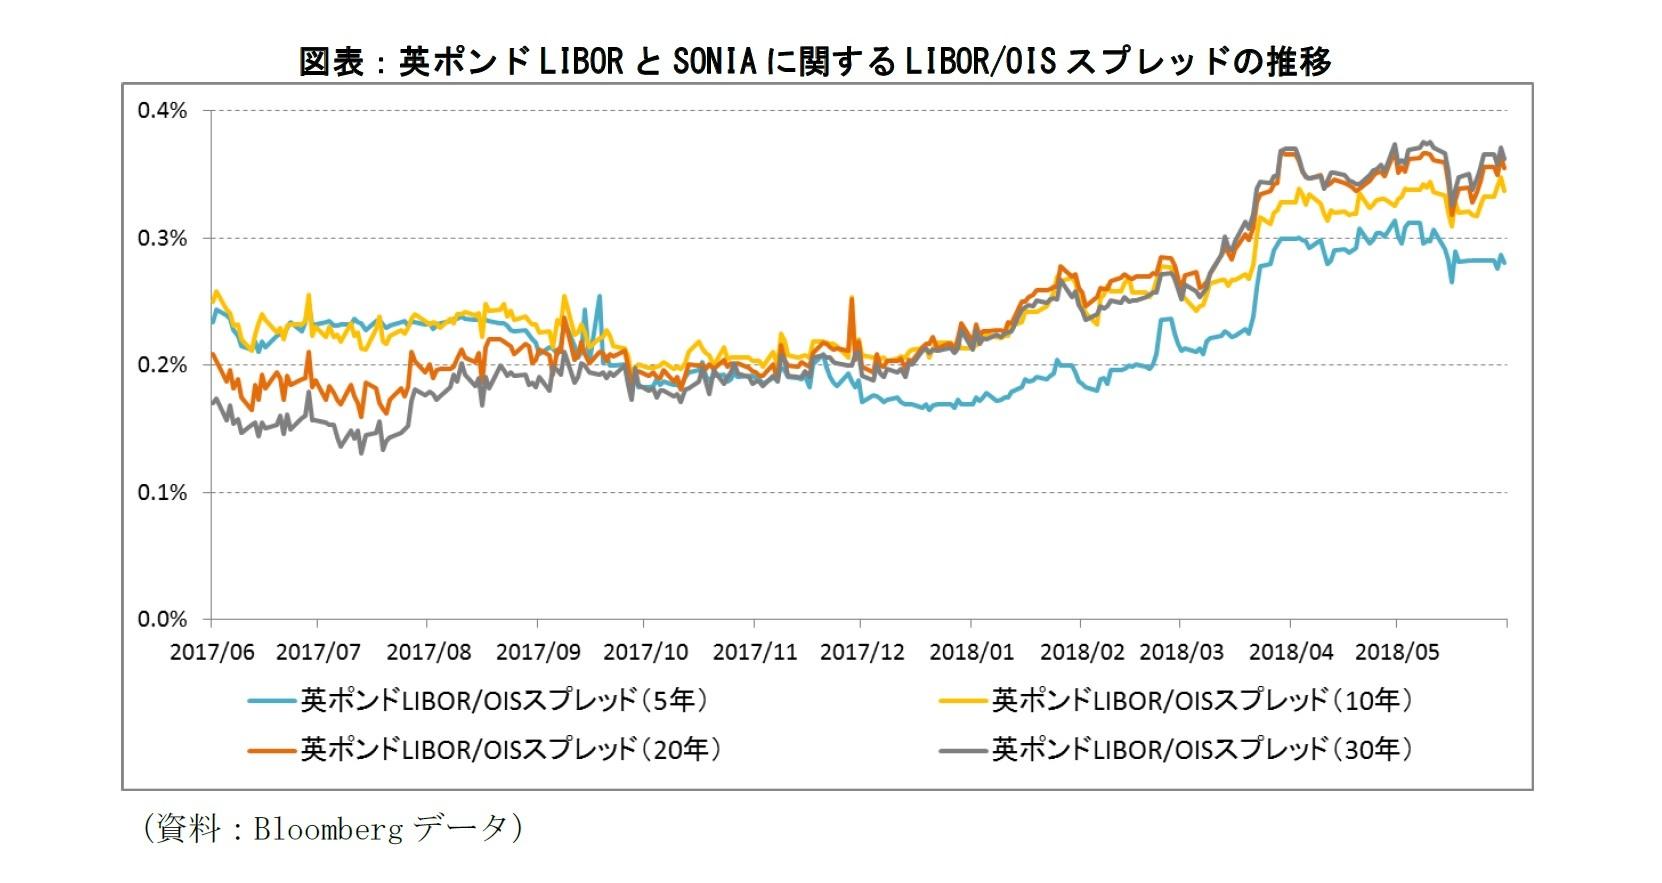 図表:英ポンドLIBORとSONIAに関するLIBOR/OISスプレッドの推移